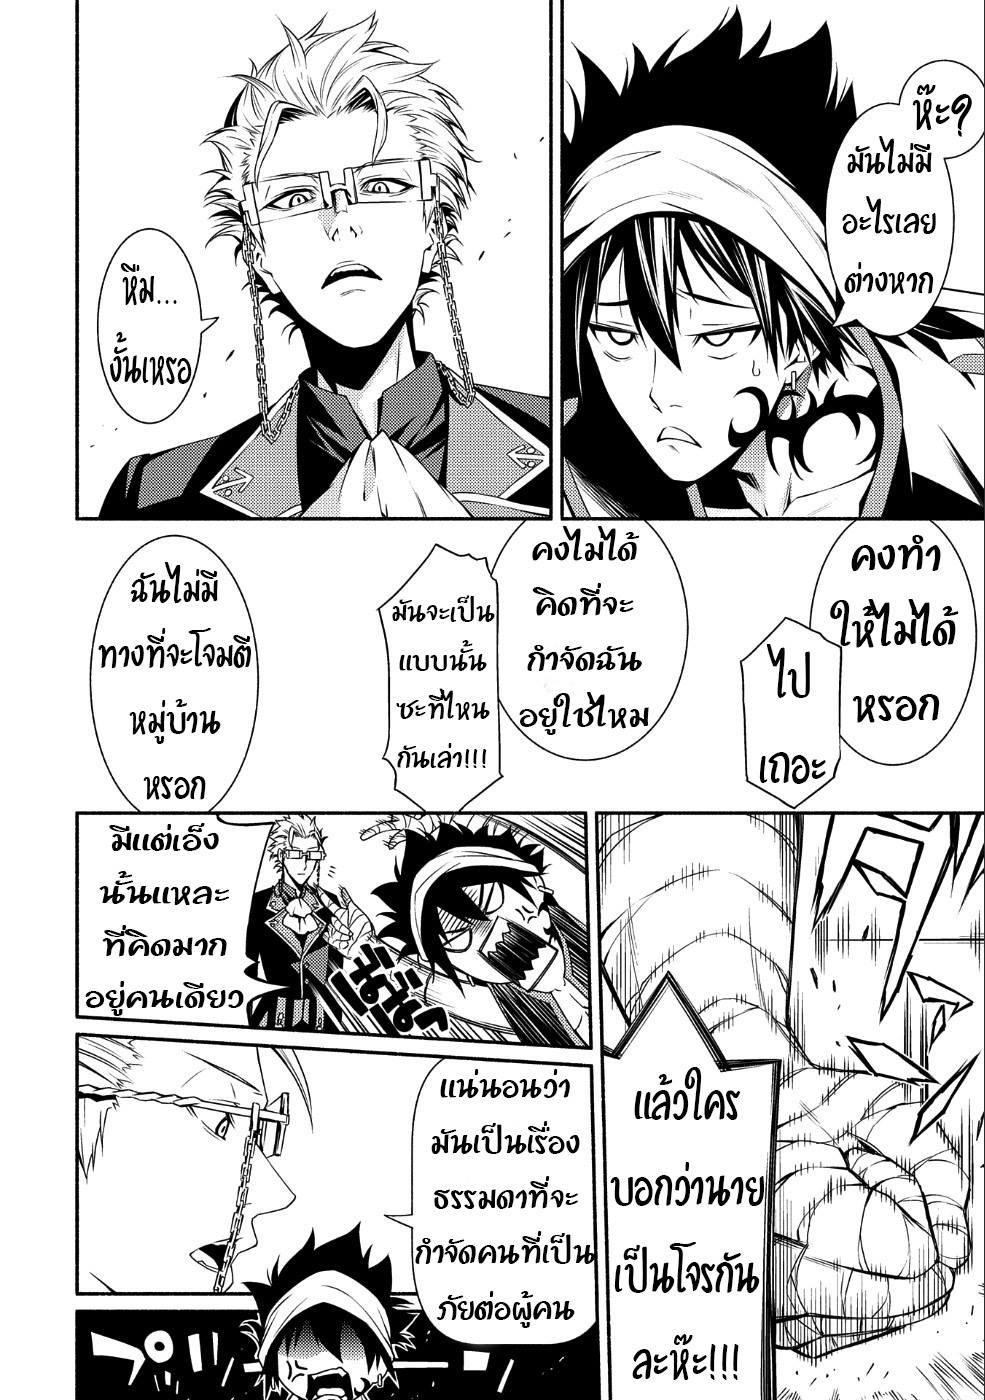 อ่านการ์ตูน Saikyou Party no Zatsuyougakari Ossan wa Muriyari Kyuuka o Tora Sareta you desu ตอนที่ 1 หน้าที่ 5